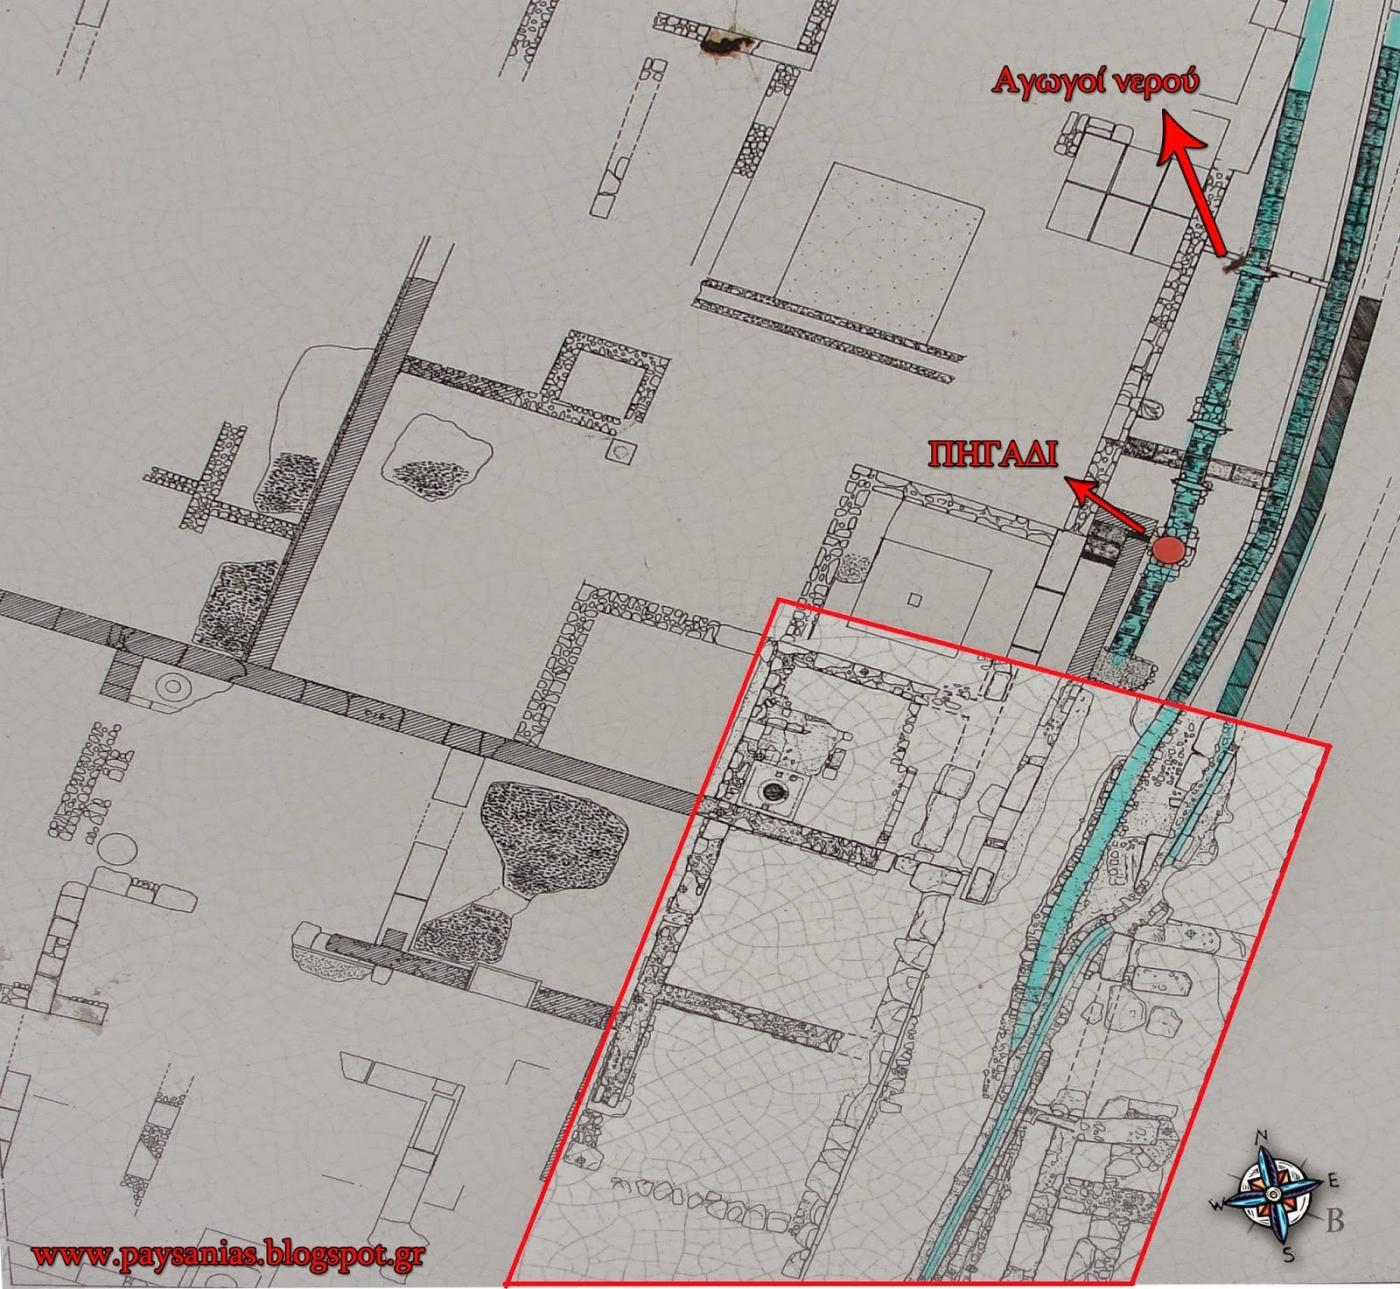 Τοπογραφικό σχεδιάγραμμα του οικοπέδου. Στο κόκκινο πλαίσιο τα αρχαία που διασώθηκαν